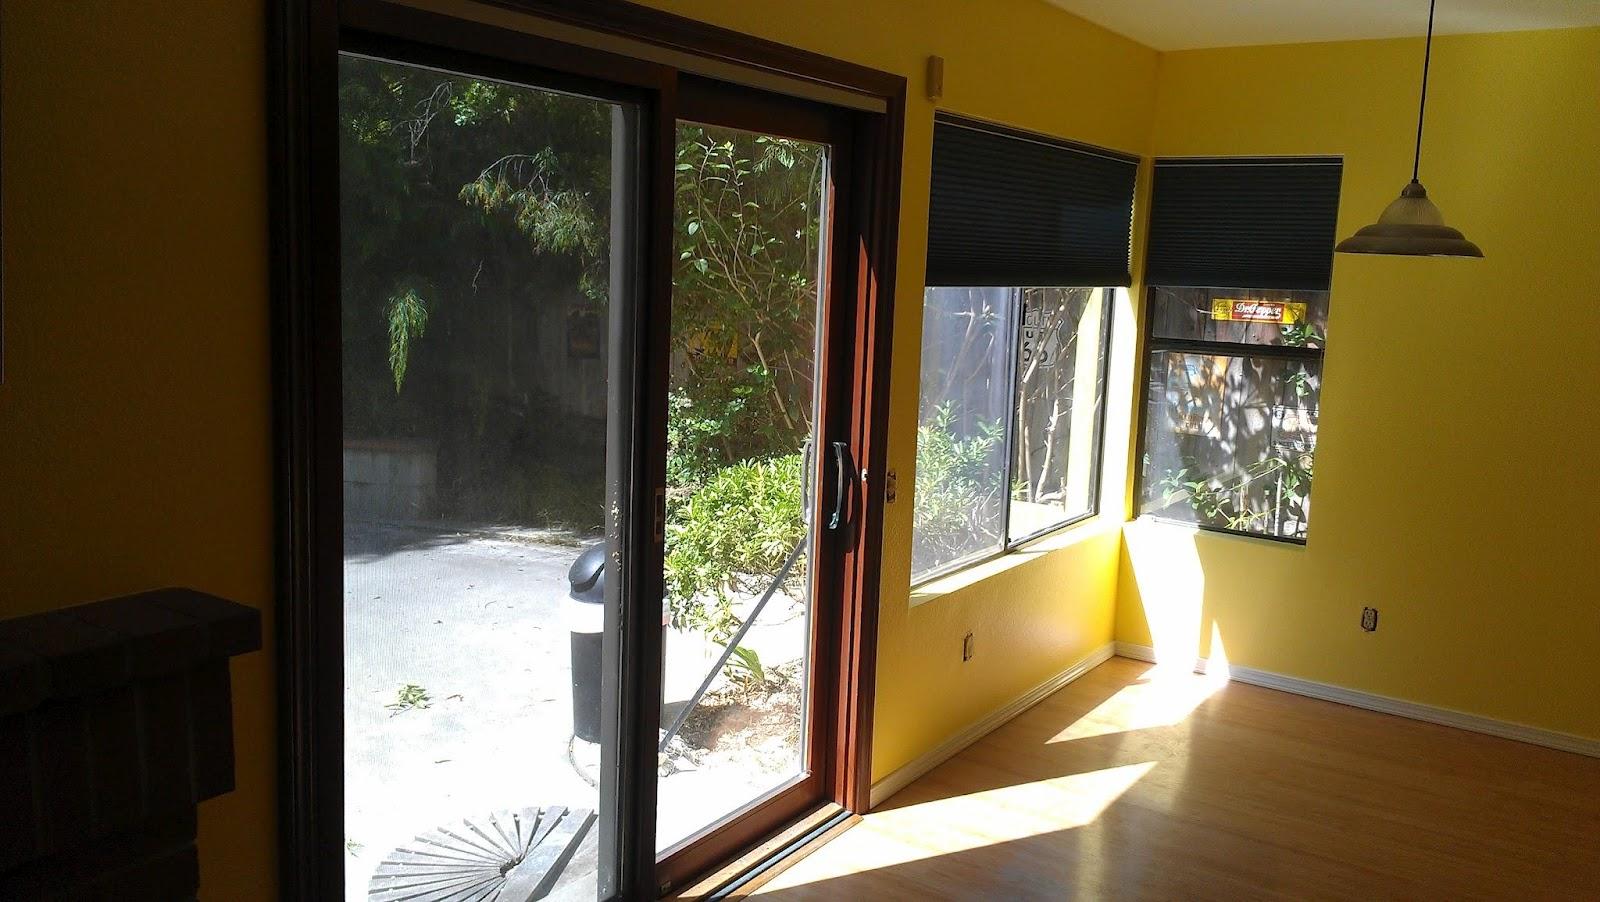 Vita a san diego 1016 le finestre - Dividere una porta finestra ...